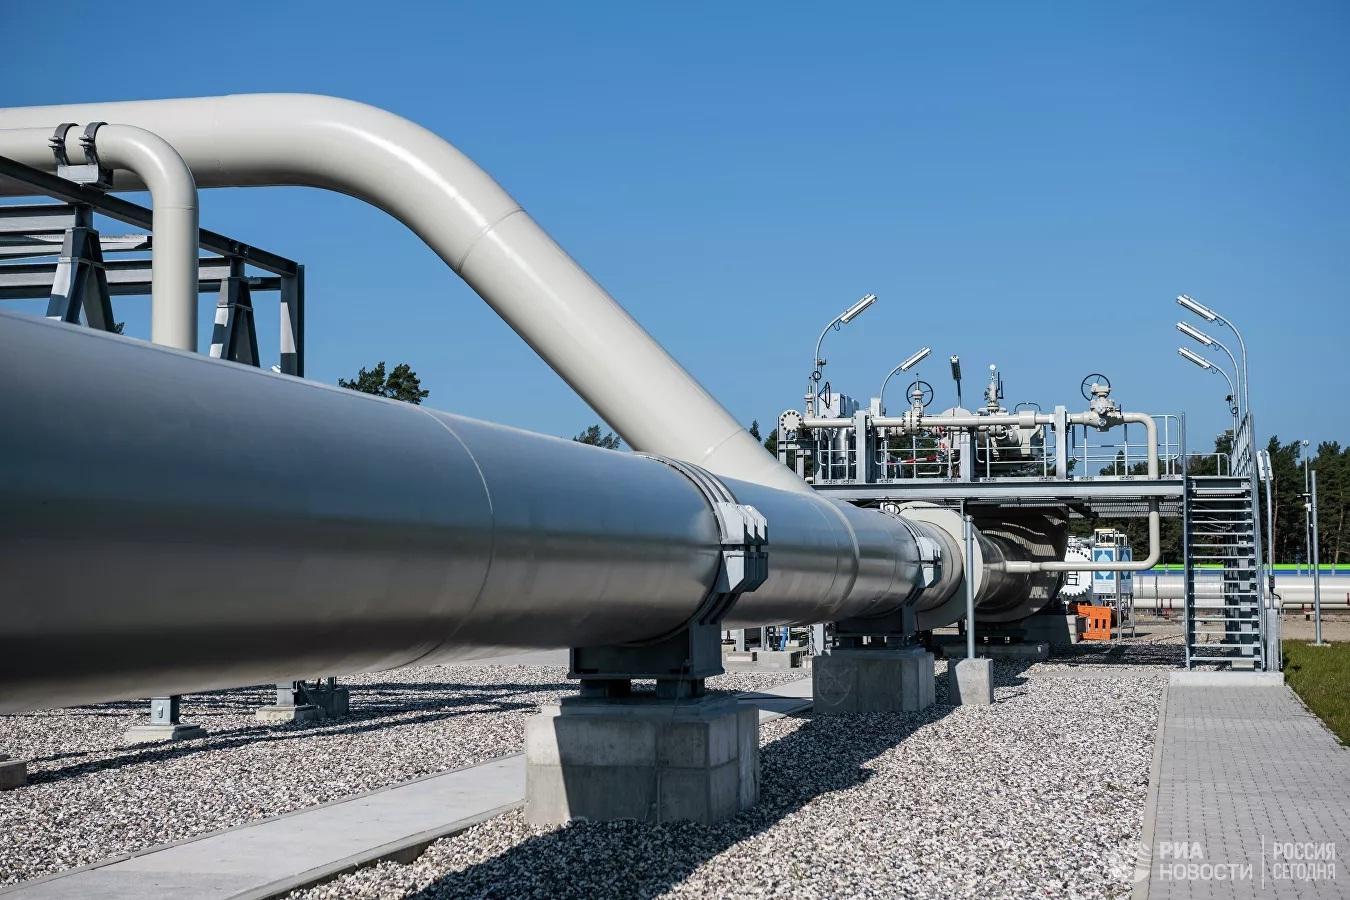 Khí tài quân sự xuất hiện gần nơi thi công Nord Stream 2, Nga nói gì?